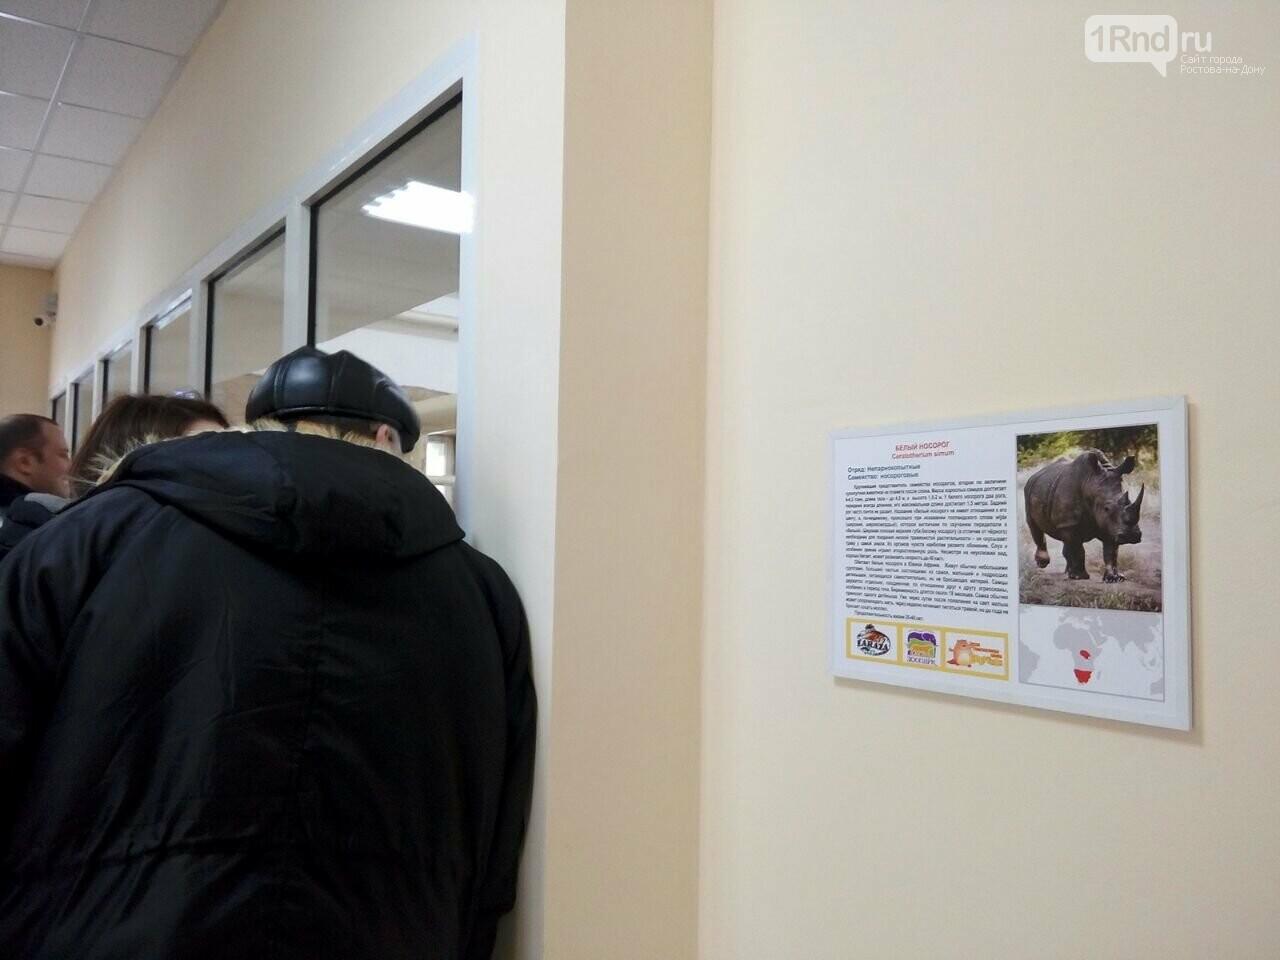 В ростовском зоопарке горожанам впервые показали носорога из Израиля, фото-4